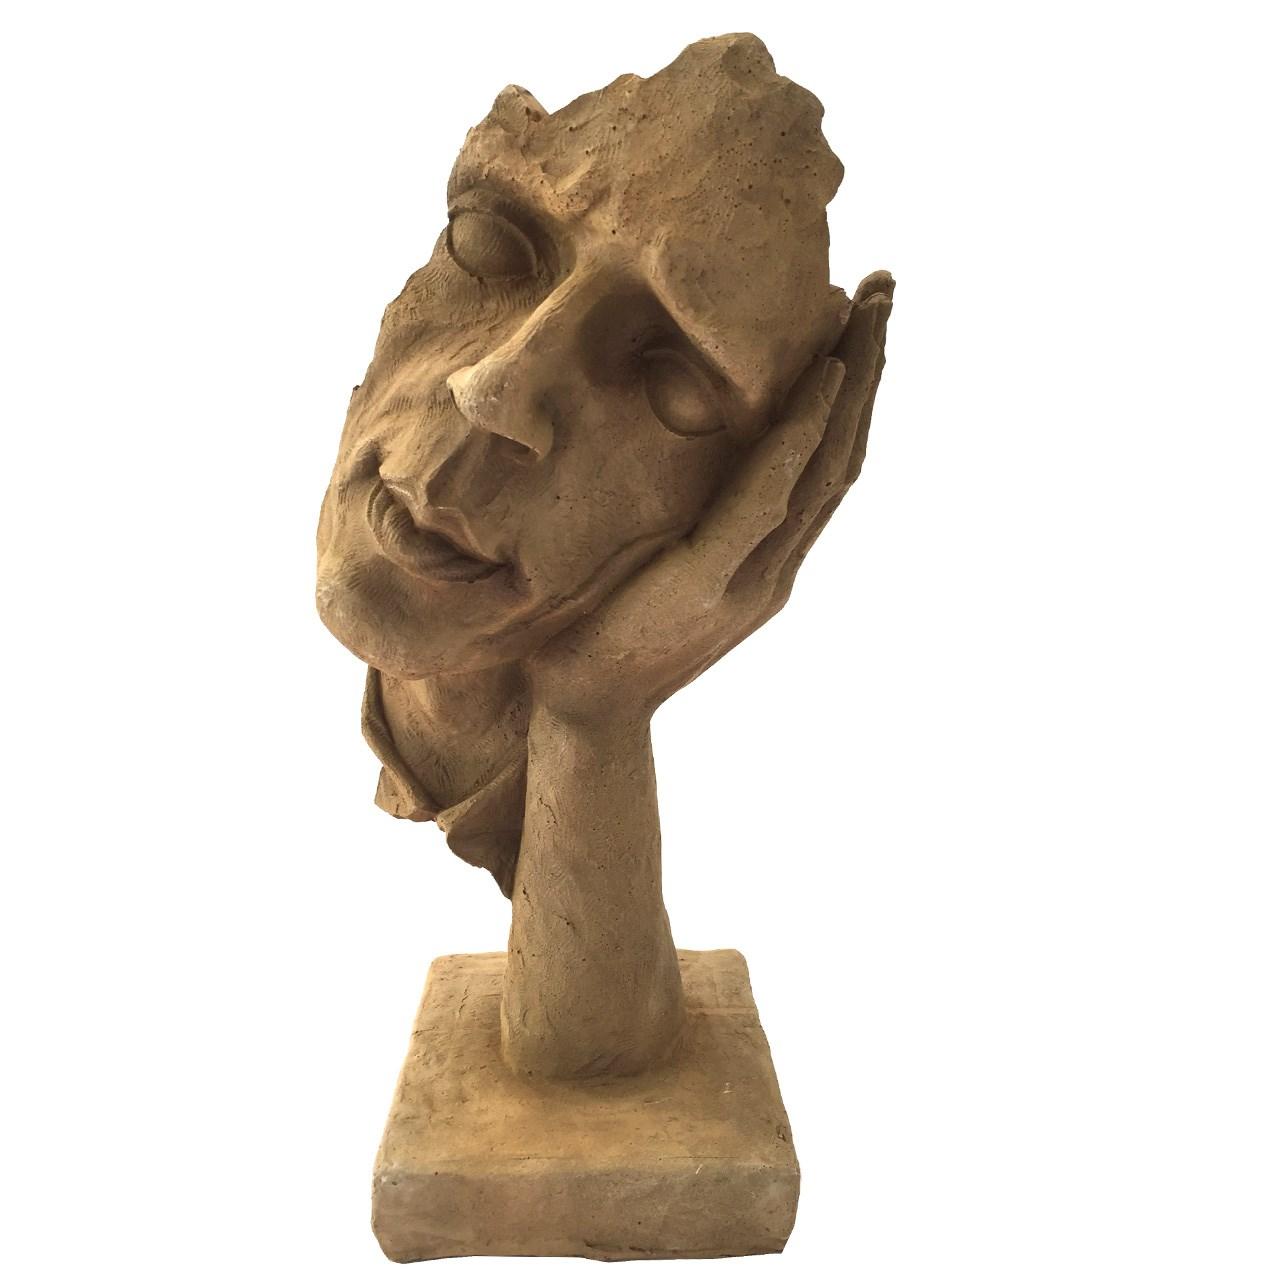 مجسمه طرح خاکی مدل Thinking 02